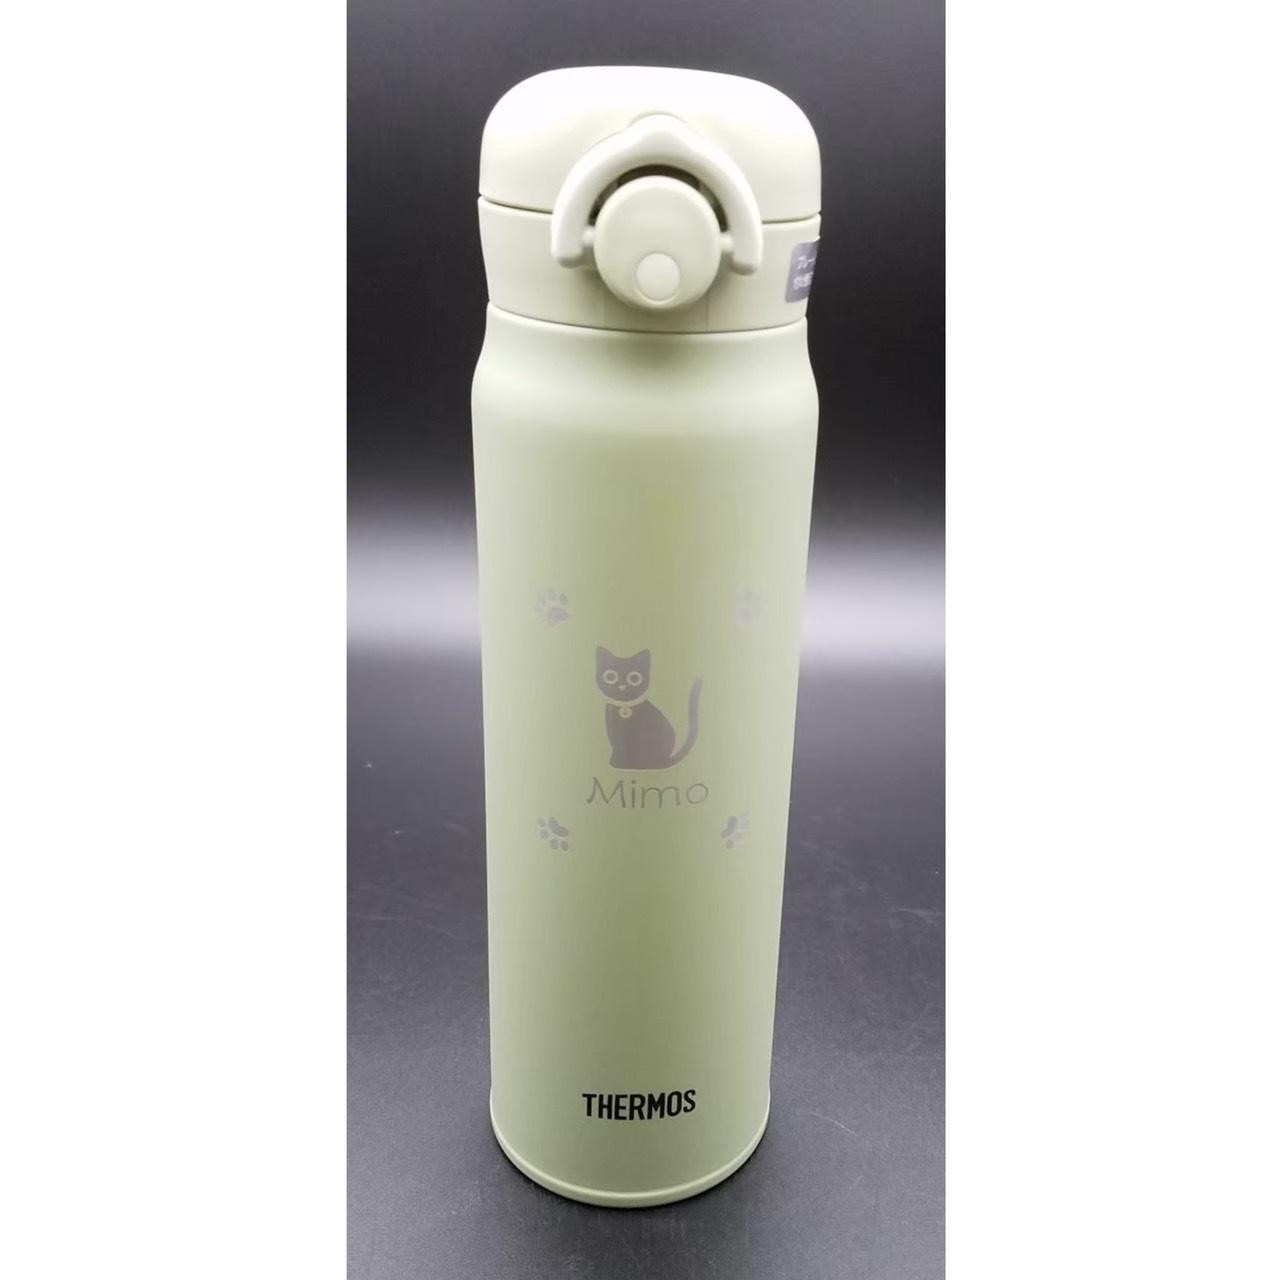 村上彫刻 佐世保 商品事例 ステンレスボトル 水筒